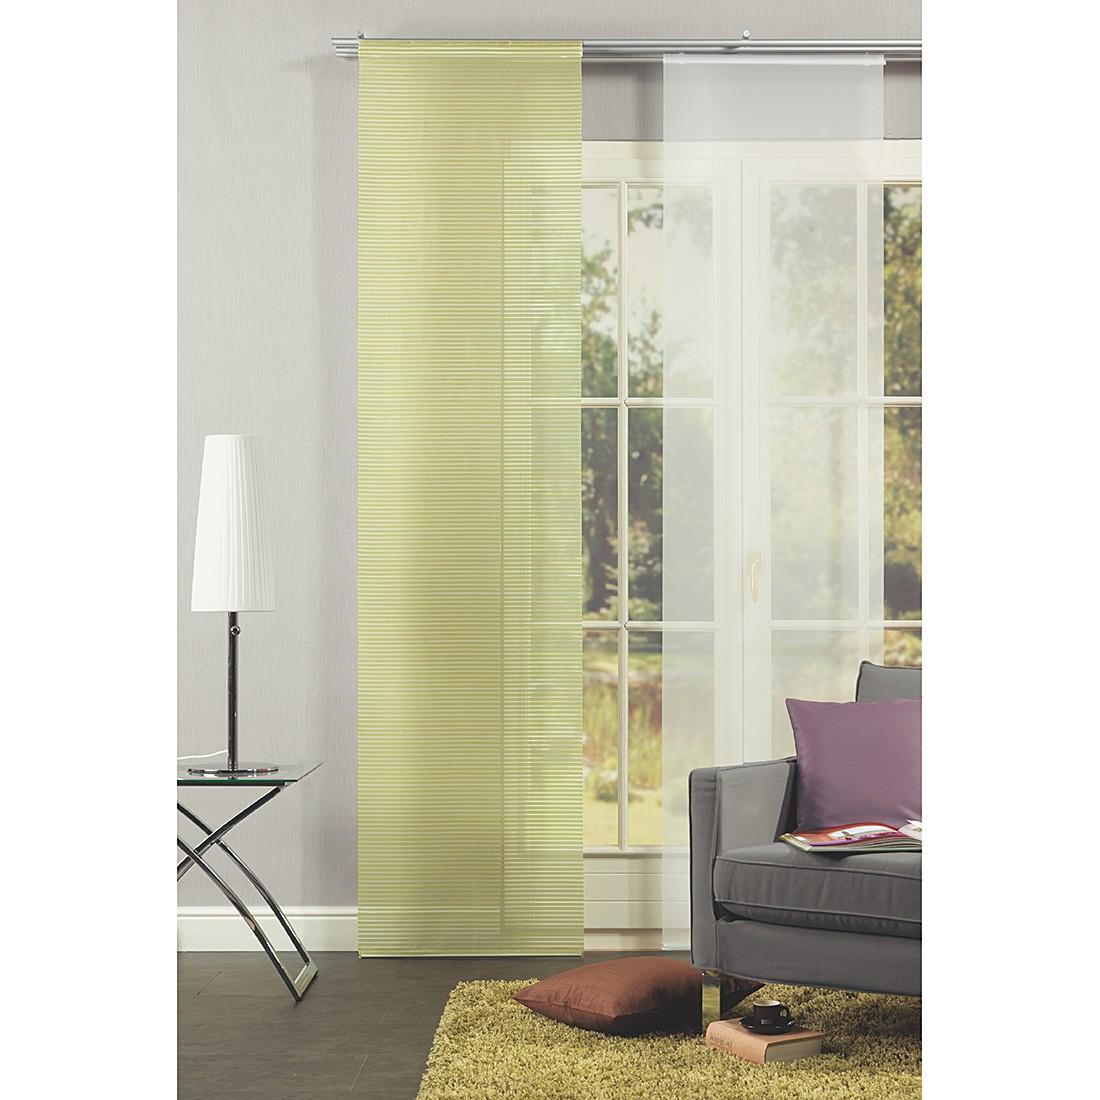 Großartig Schiebevorhang Grün Preisvergleich • Die besten Angebote online kaufen GB65